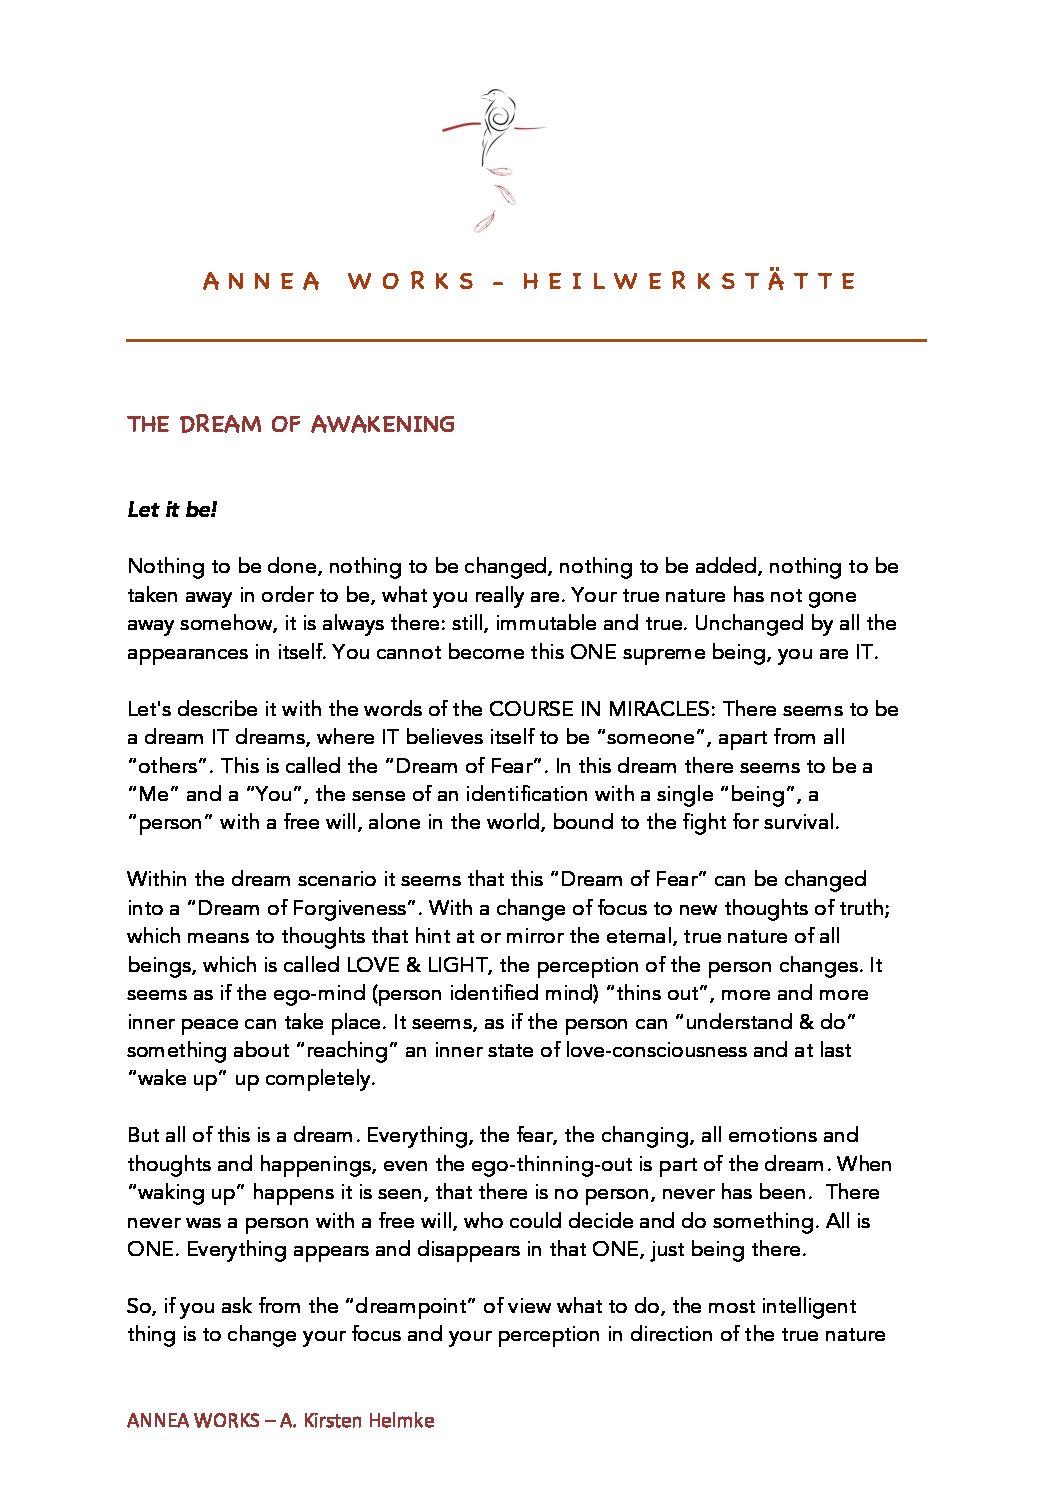 The Dream of awakening